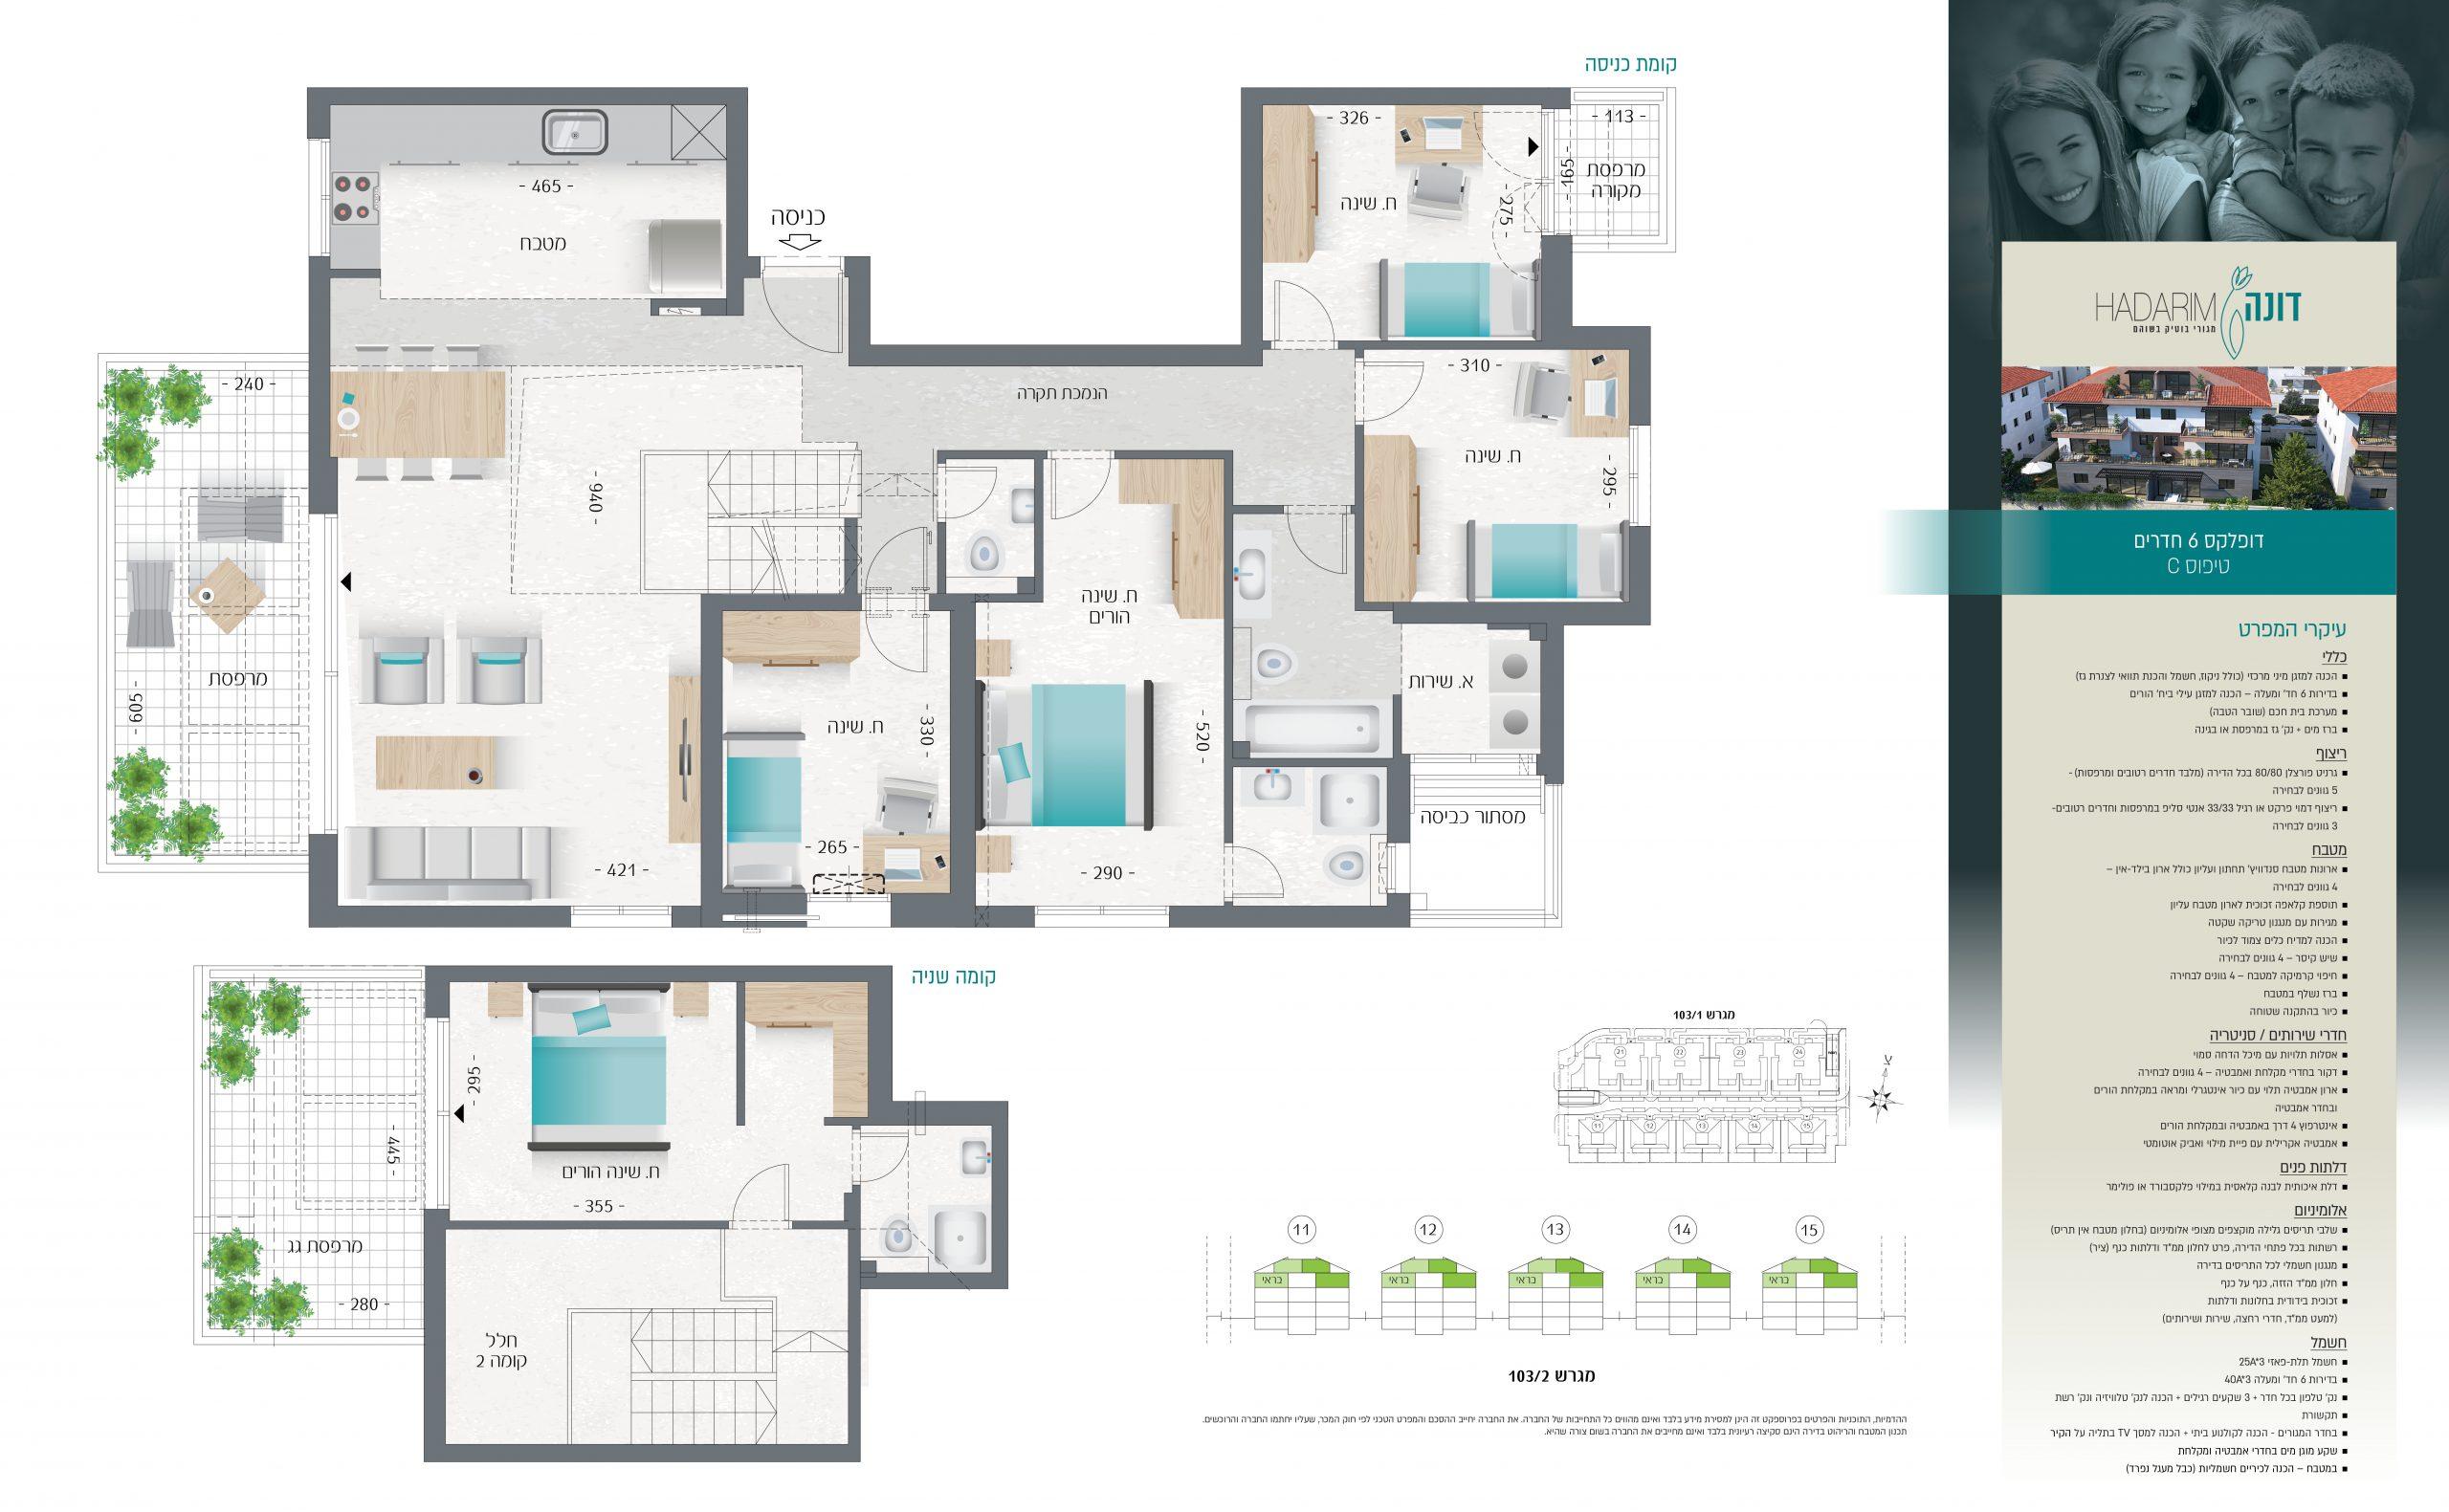 דירות למכירה בשוהם, דונה הדרים, תכנית דירה ומפרט